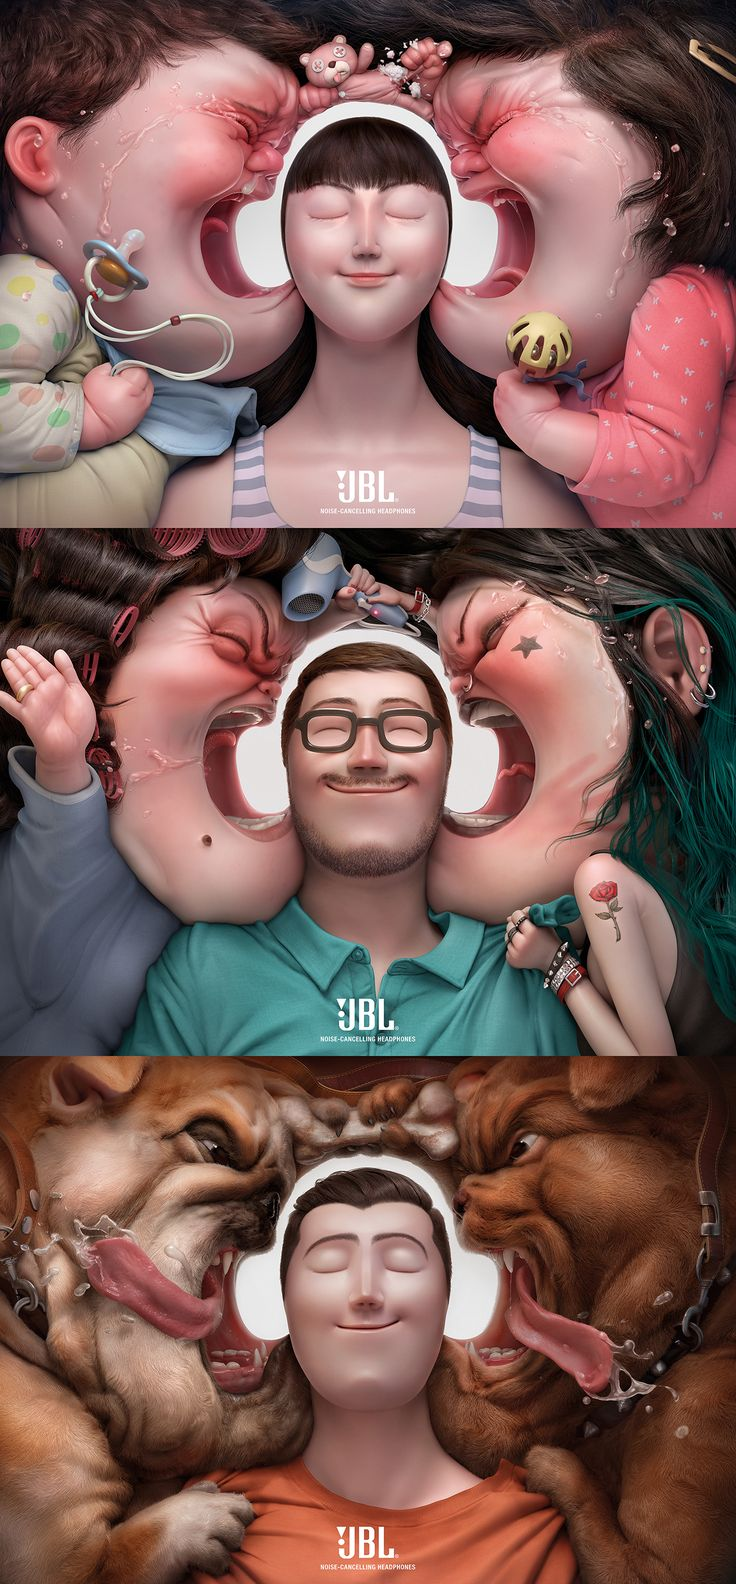 Agency: Cheil Worldwide - Hong Kong / Production Company: Illusion, Bangkok